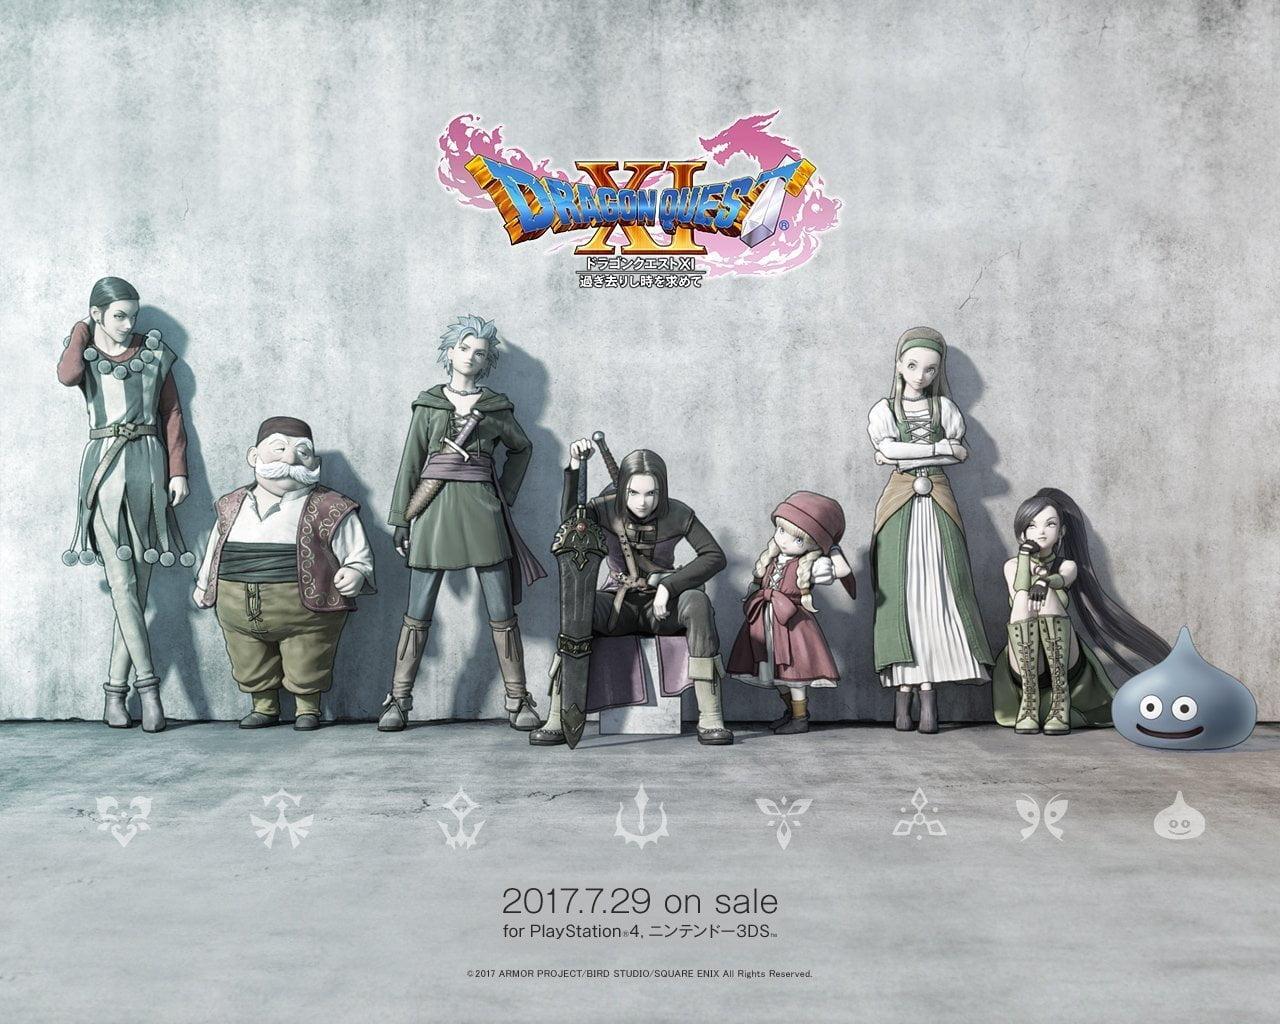 Dragon Quest Xi Wallpaper: Neue Dragon Quest XI Screenshots Und Wallpapers; PS4 & 3DS